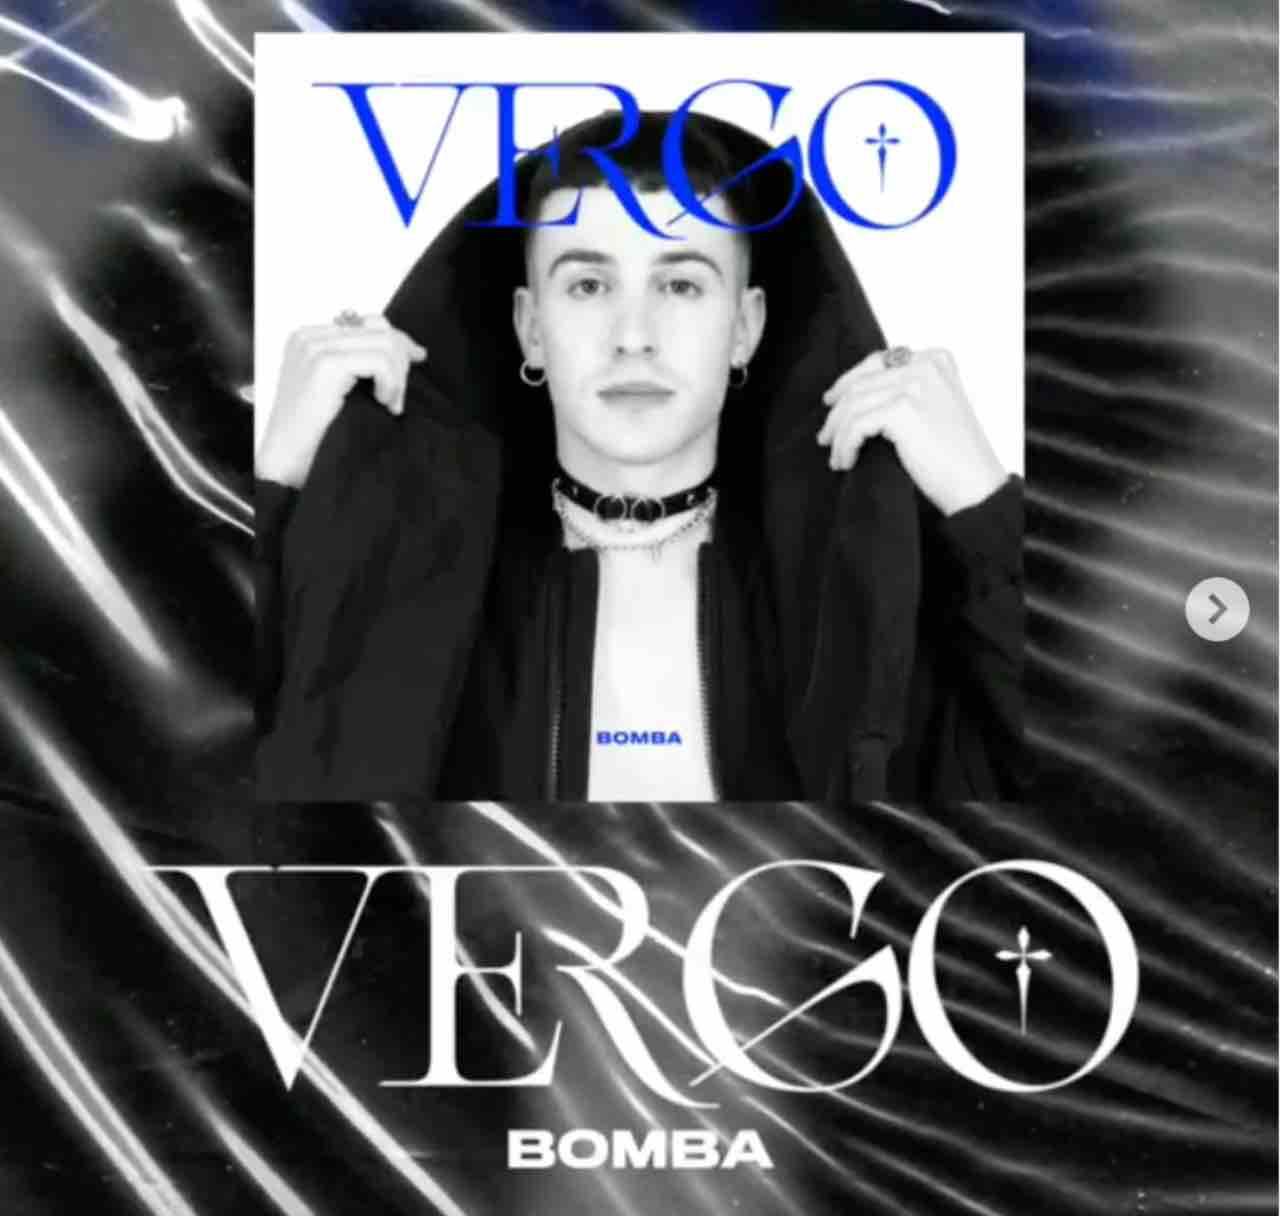 Vergo Bomba